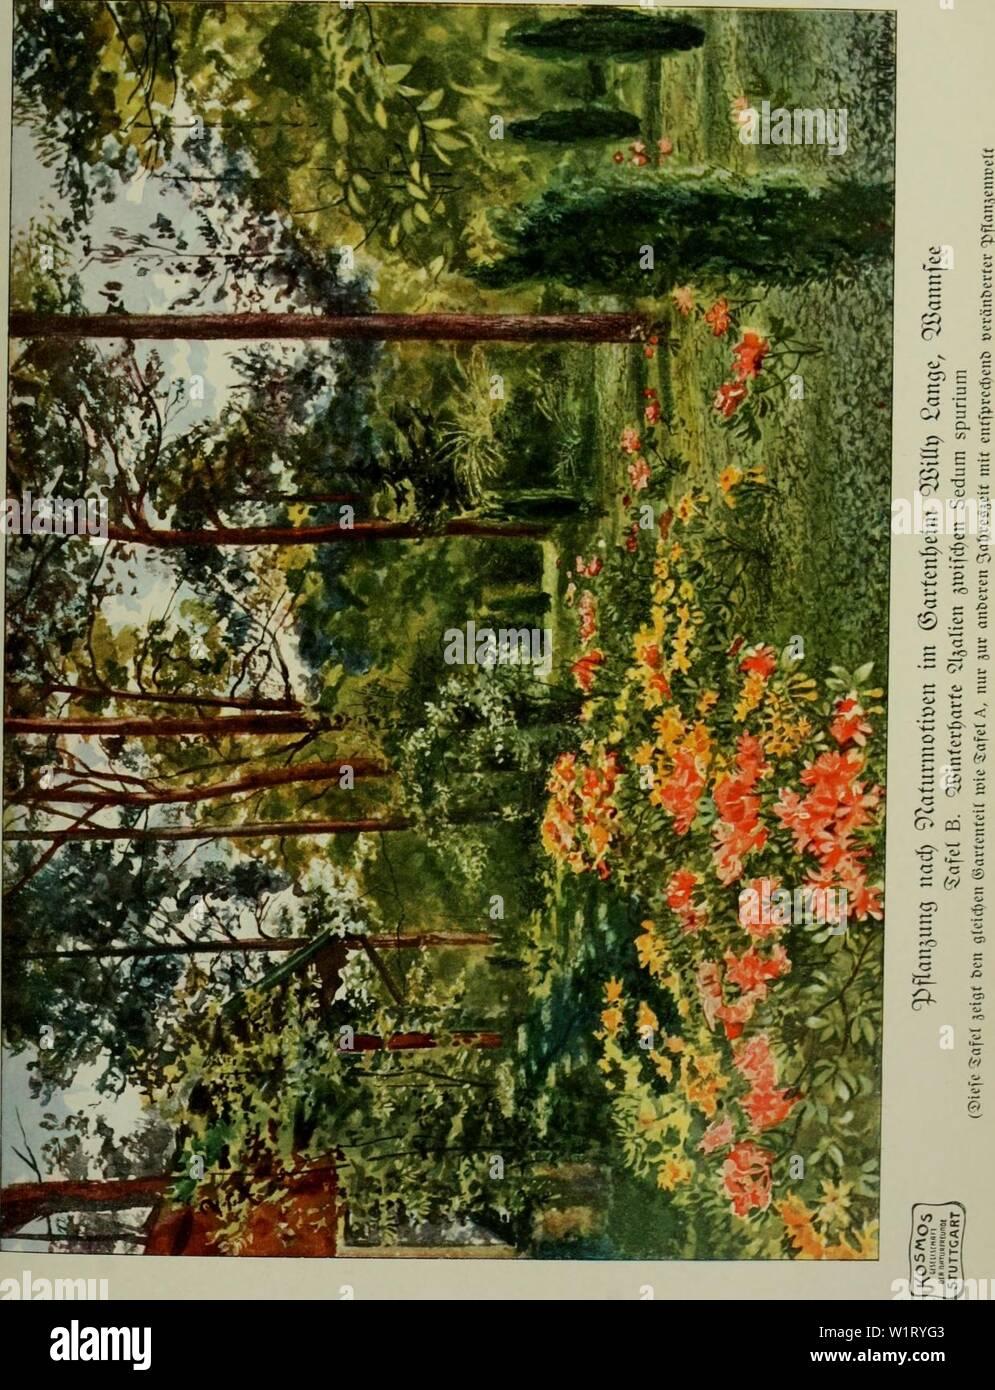 Imagen de archivo de la página 84 del Das Leben der Pflanze (1906). Das Leben der Pflanze daslebenderpflan07fran Año: 1906 Foto de stock